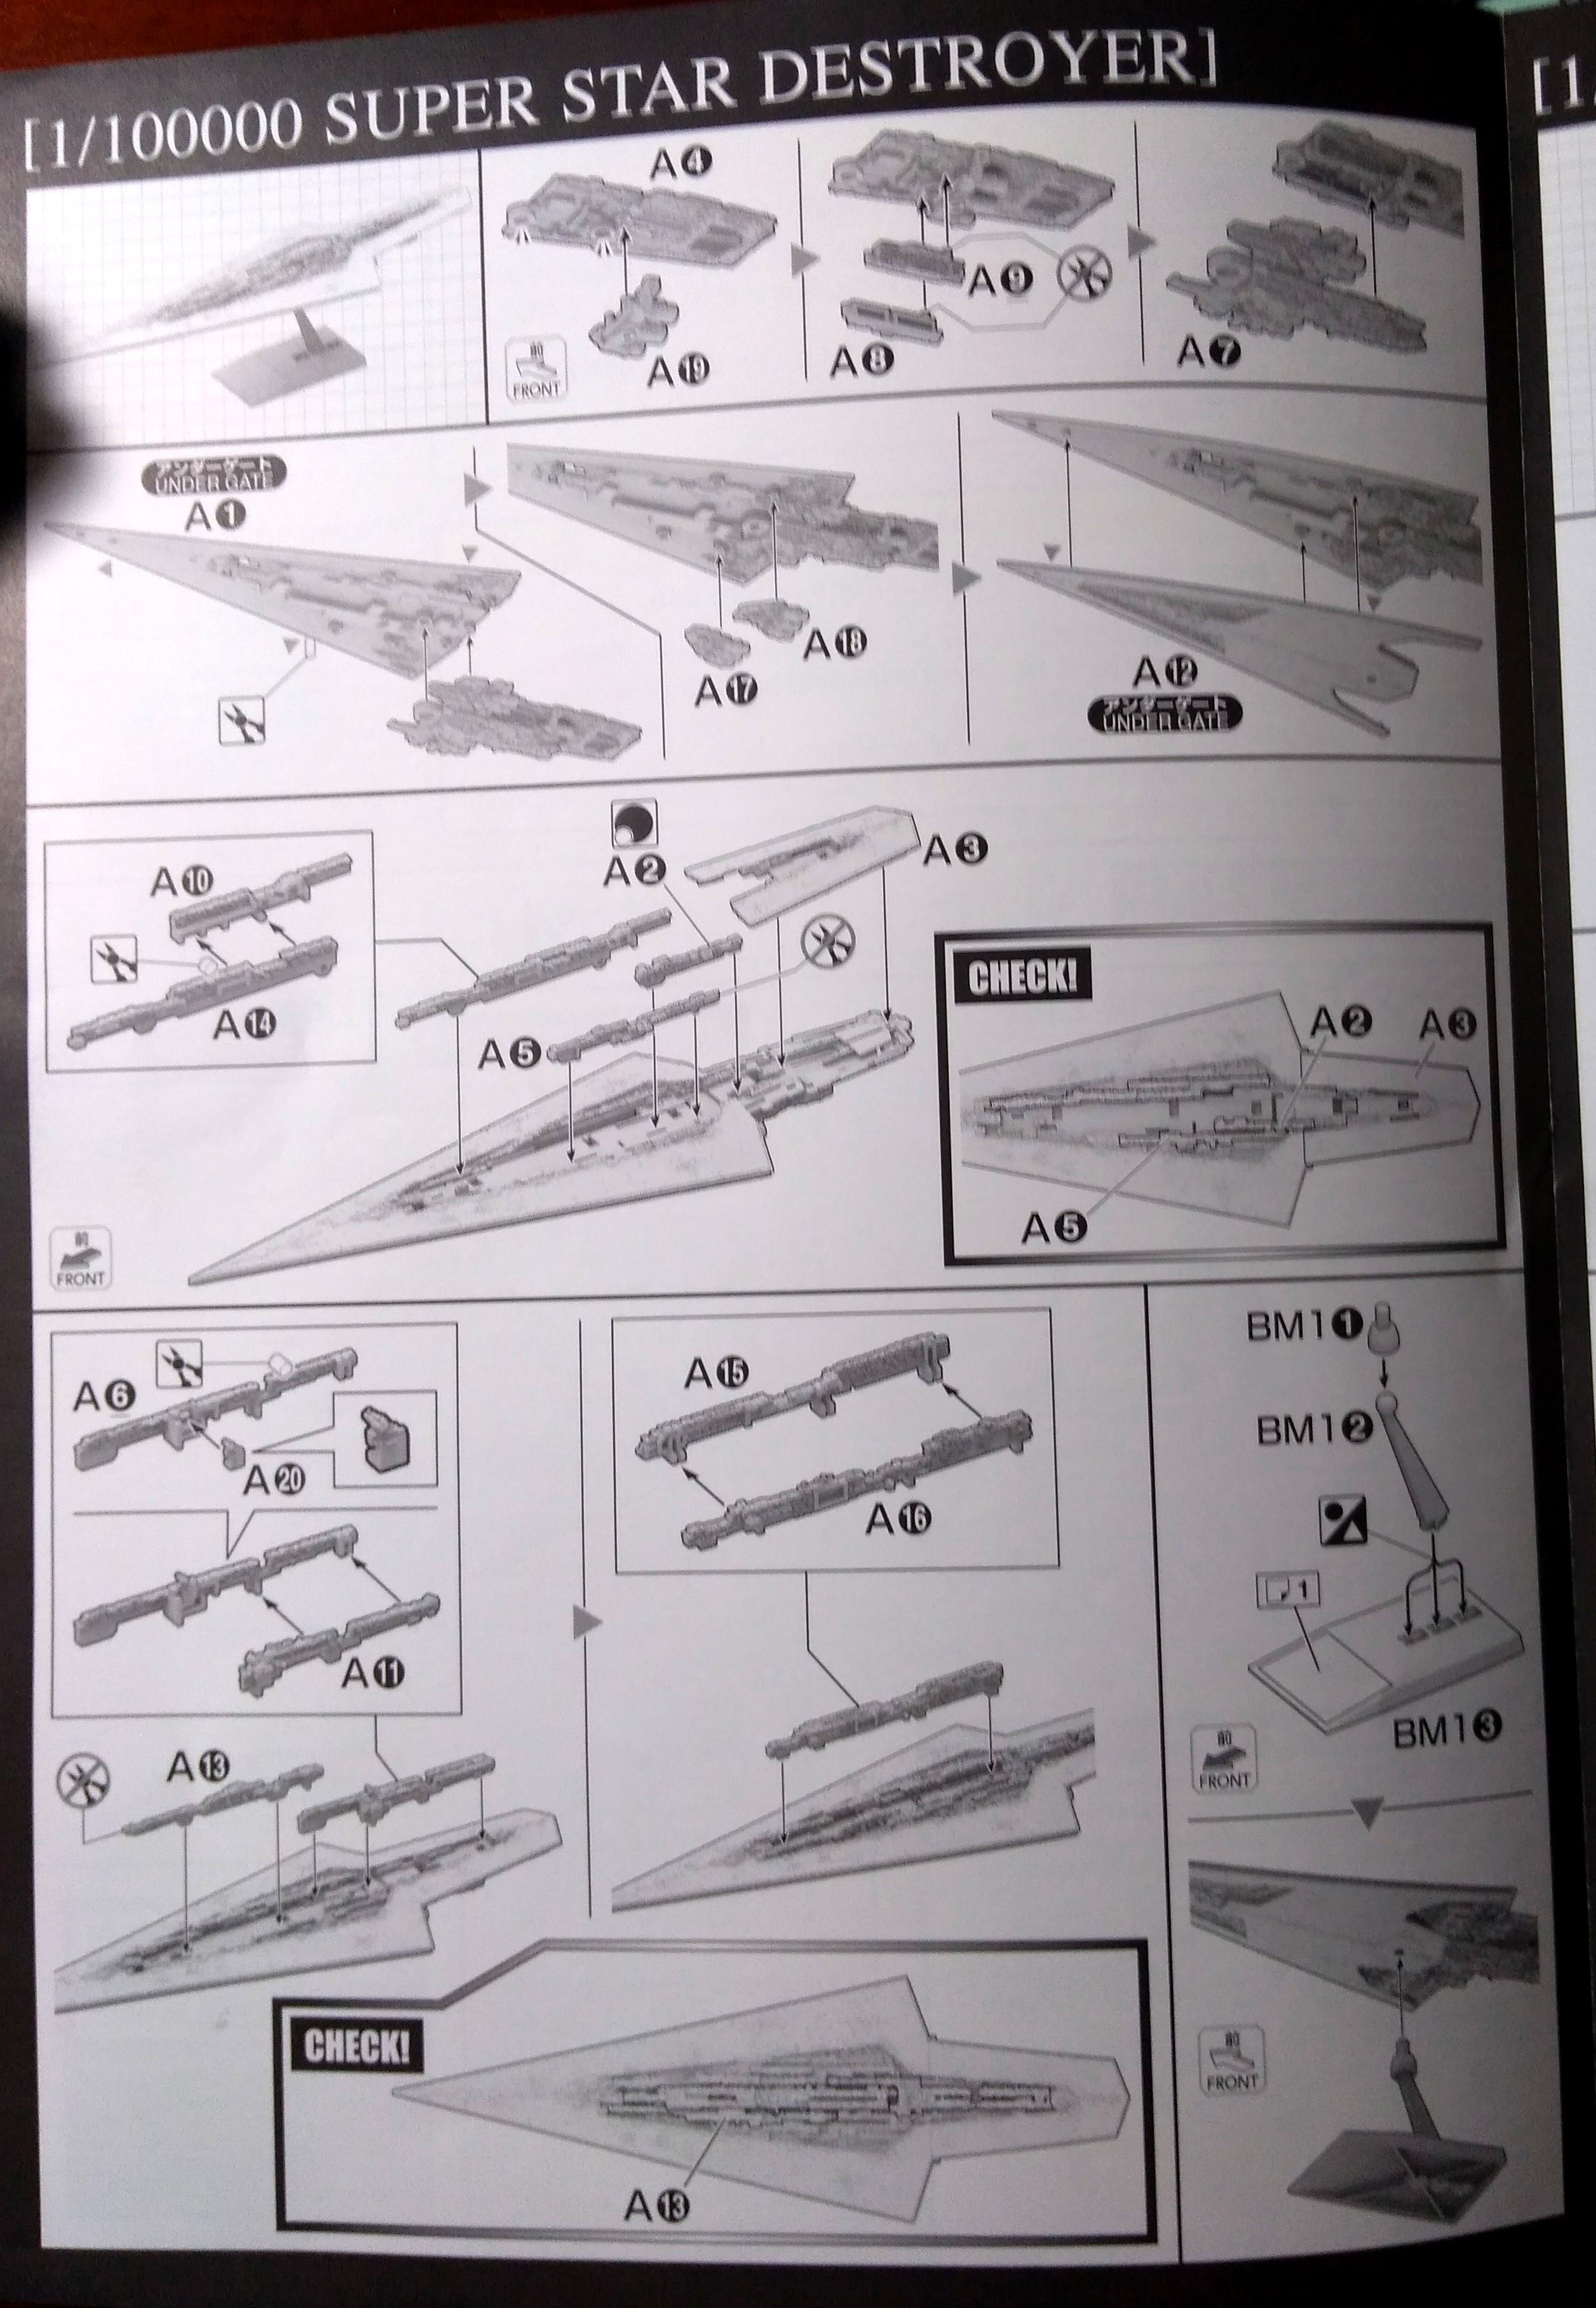 Bandai, Battlefleet Gothic, Battleship, Instructions, Star Wars, Super Star Destroyer